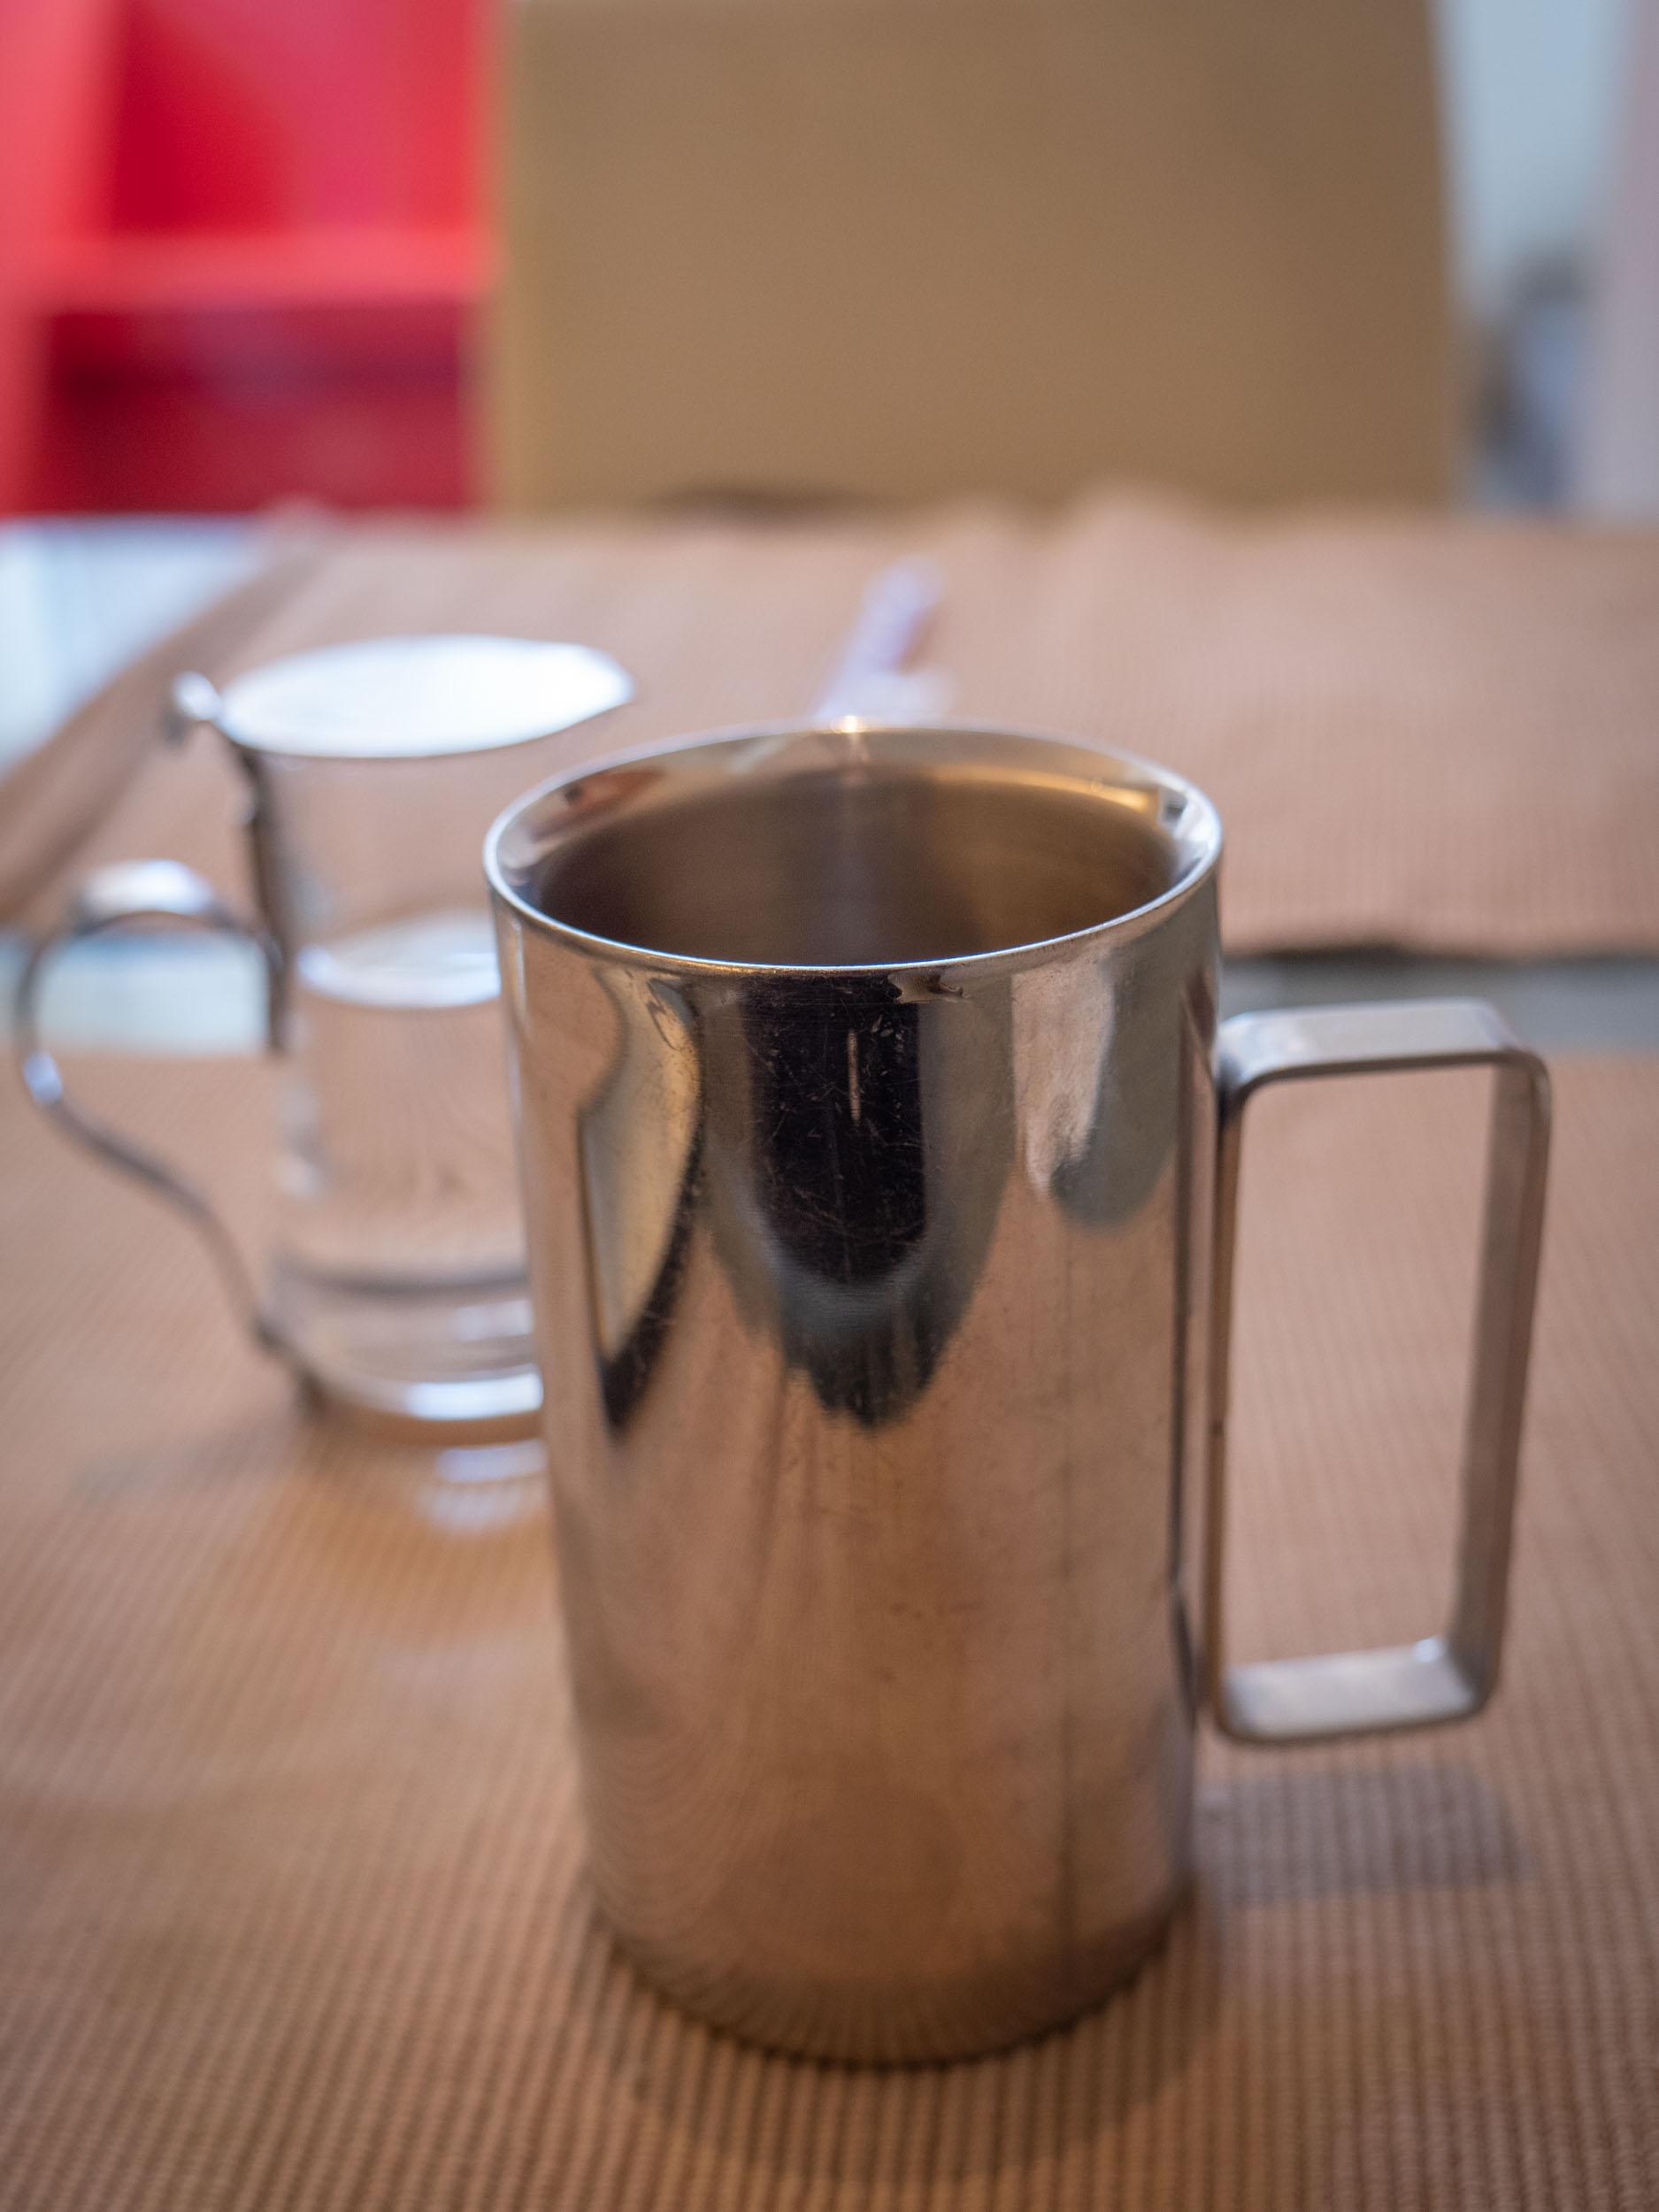 銀のカップで提供されるアイスコーヒーとシロップのポット DMC-GX8 + LEICA DG 12-60mm